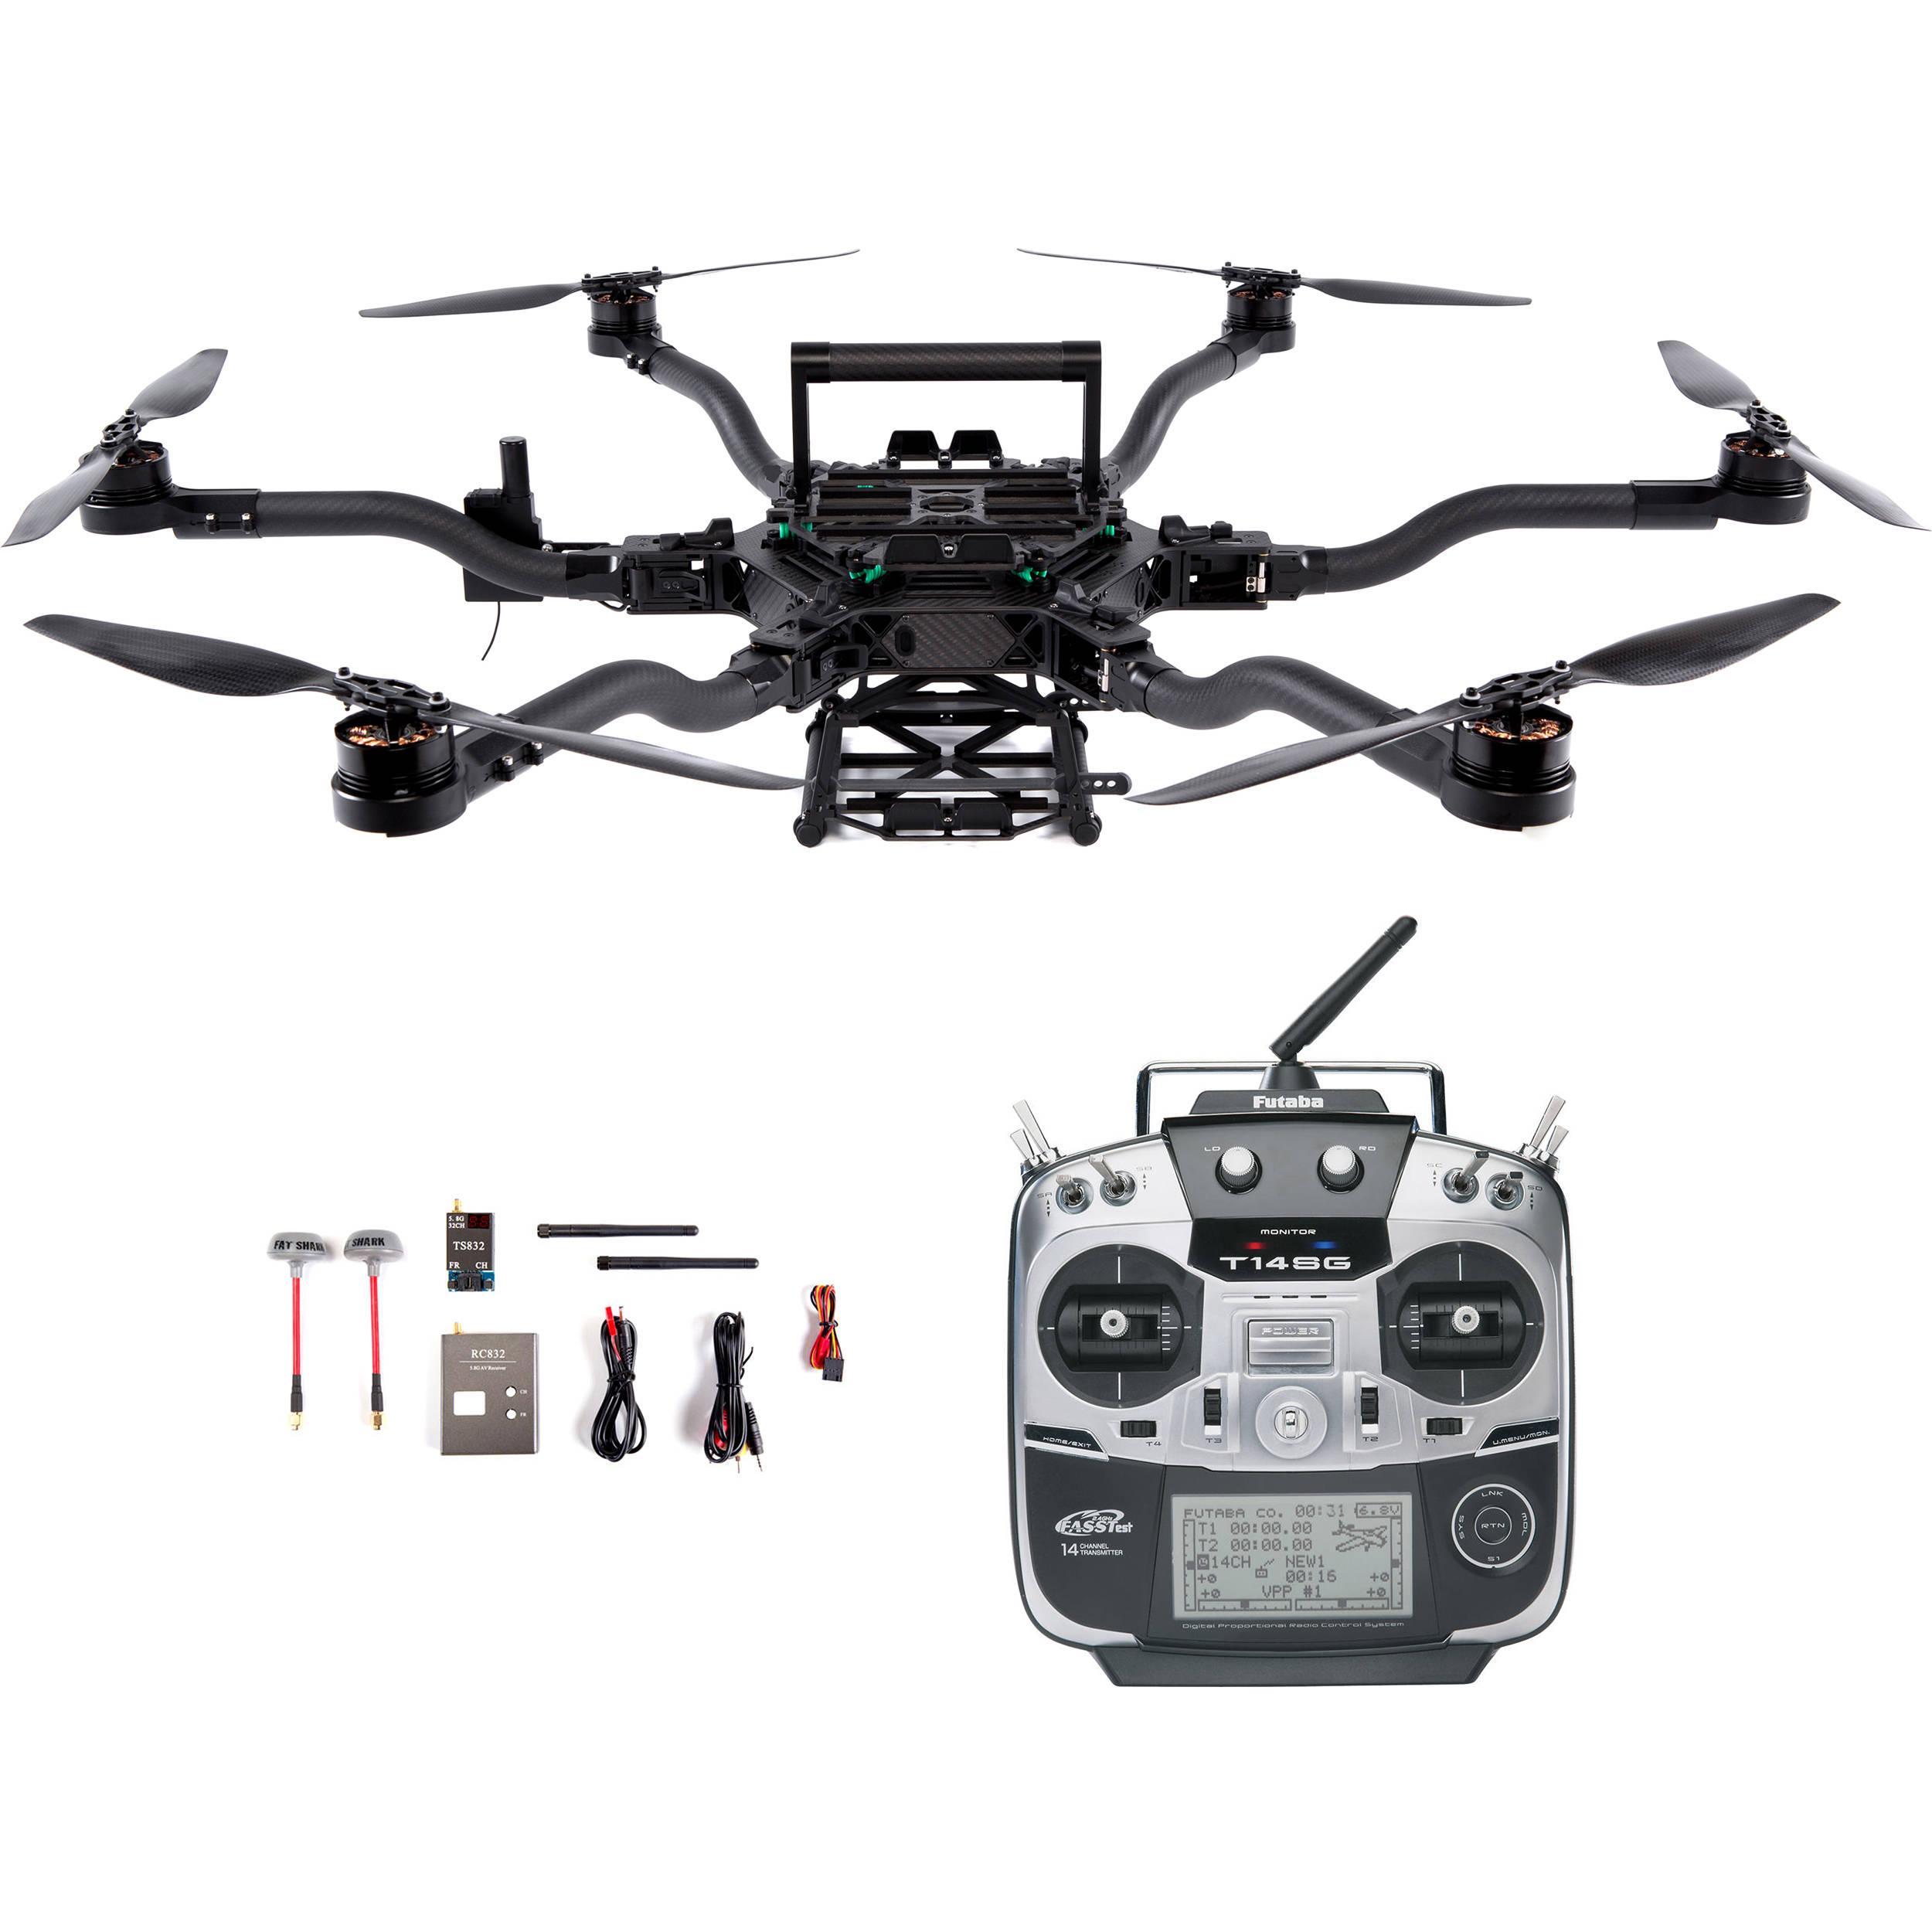 Acheter Gimbal Camera Drone Avis Drone Lark Fpv Tire